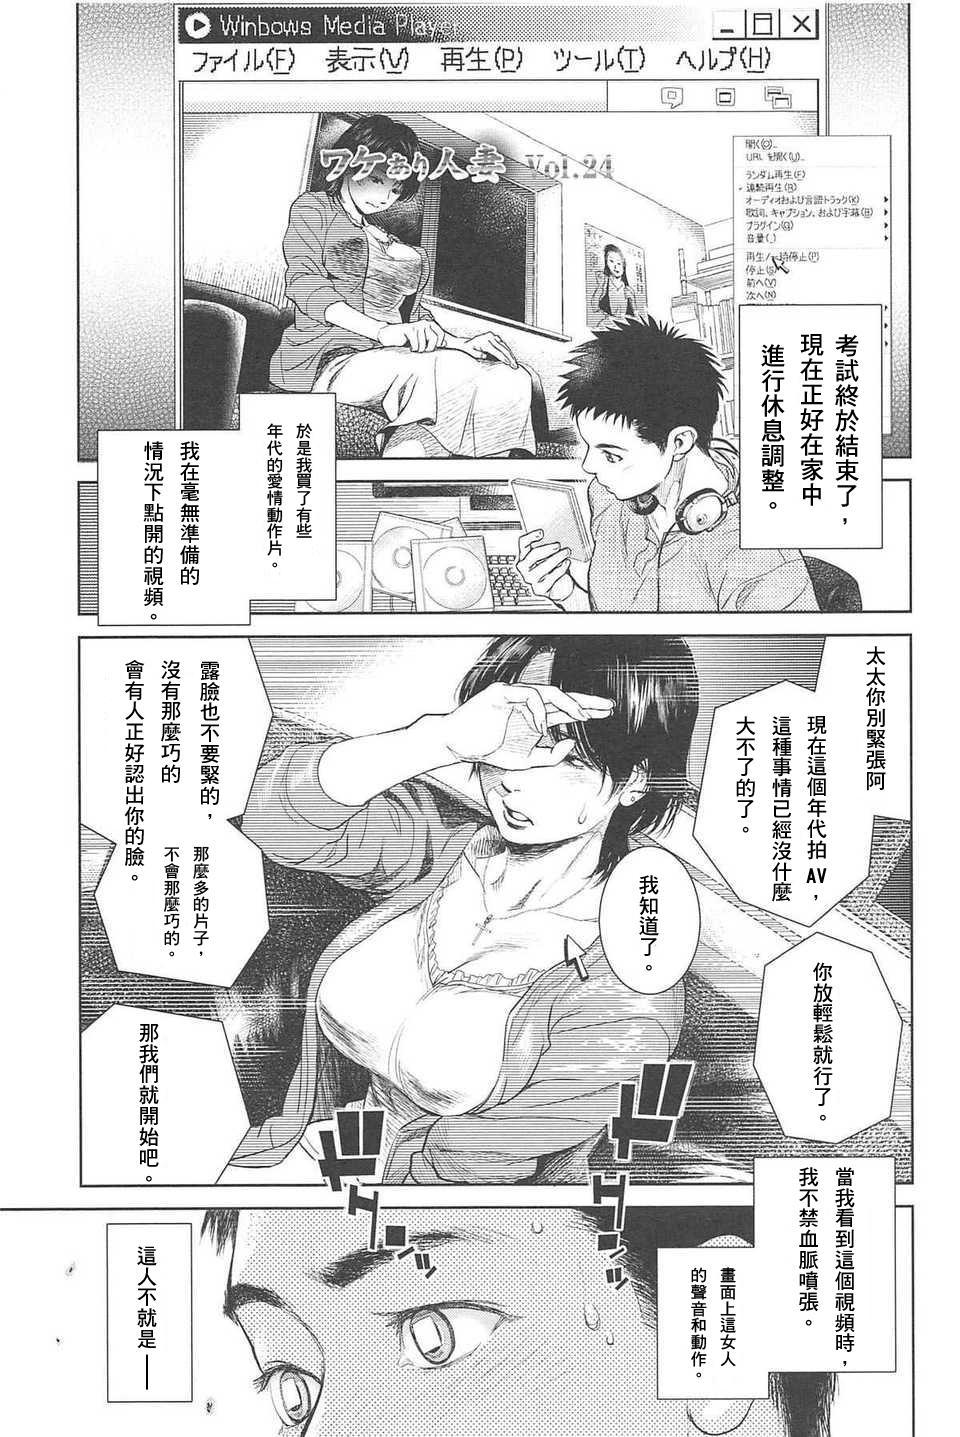 Boku no Shiranai Haha 0